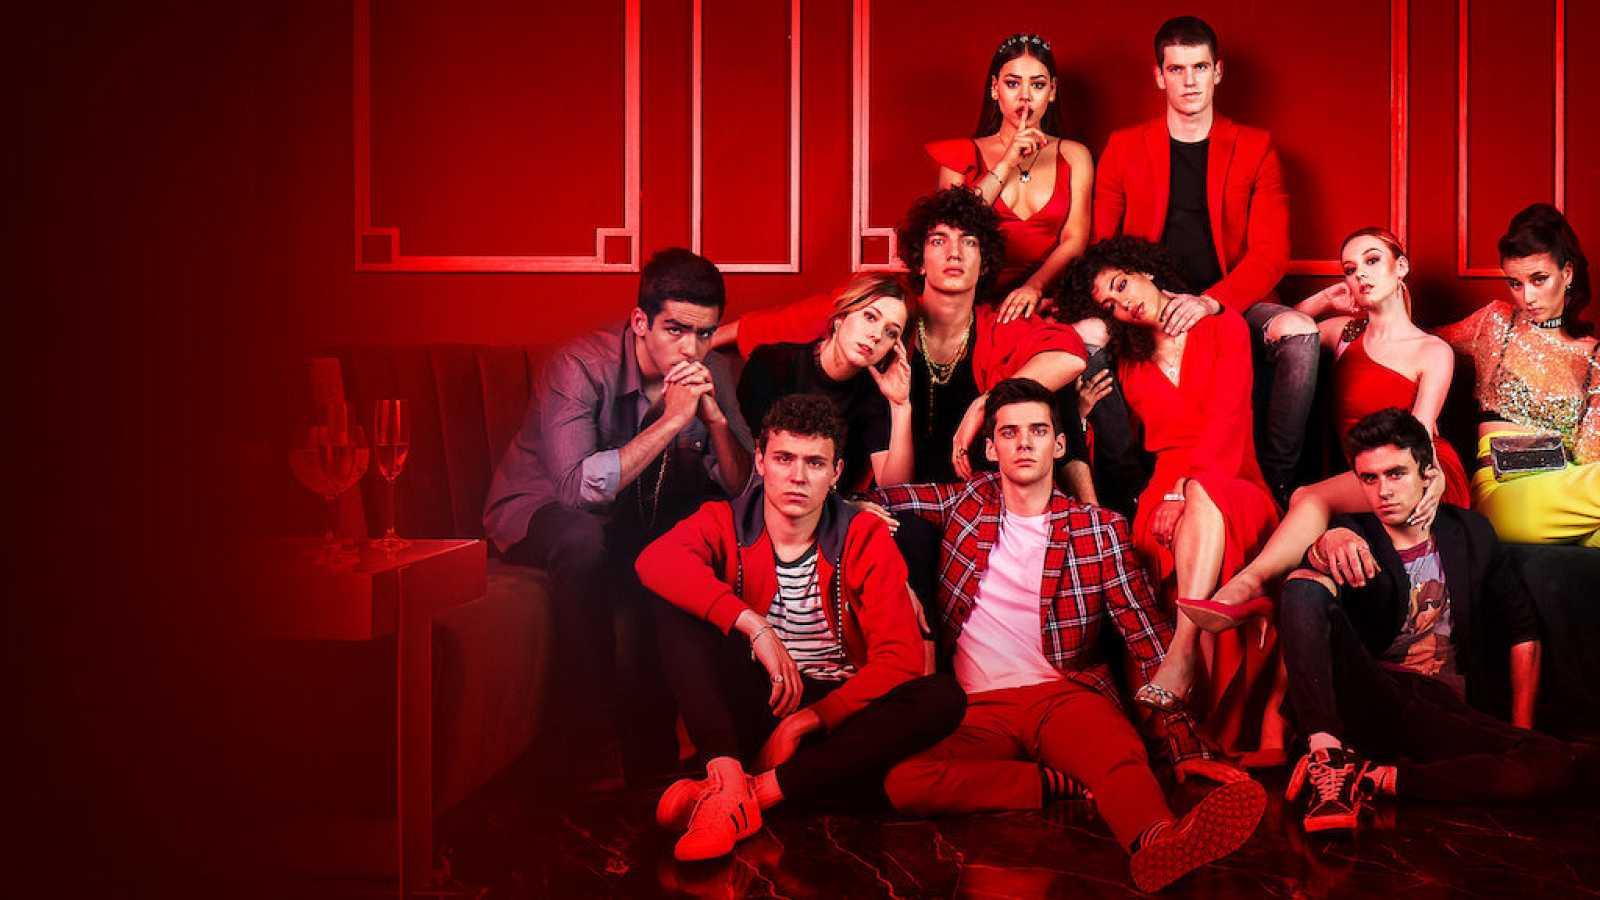 Las 10 mejores series para adolescentes que puedes ver en Netflix en 2021